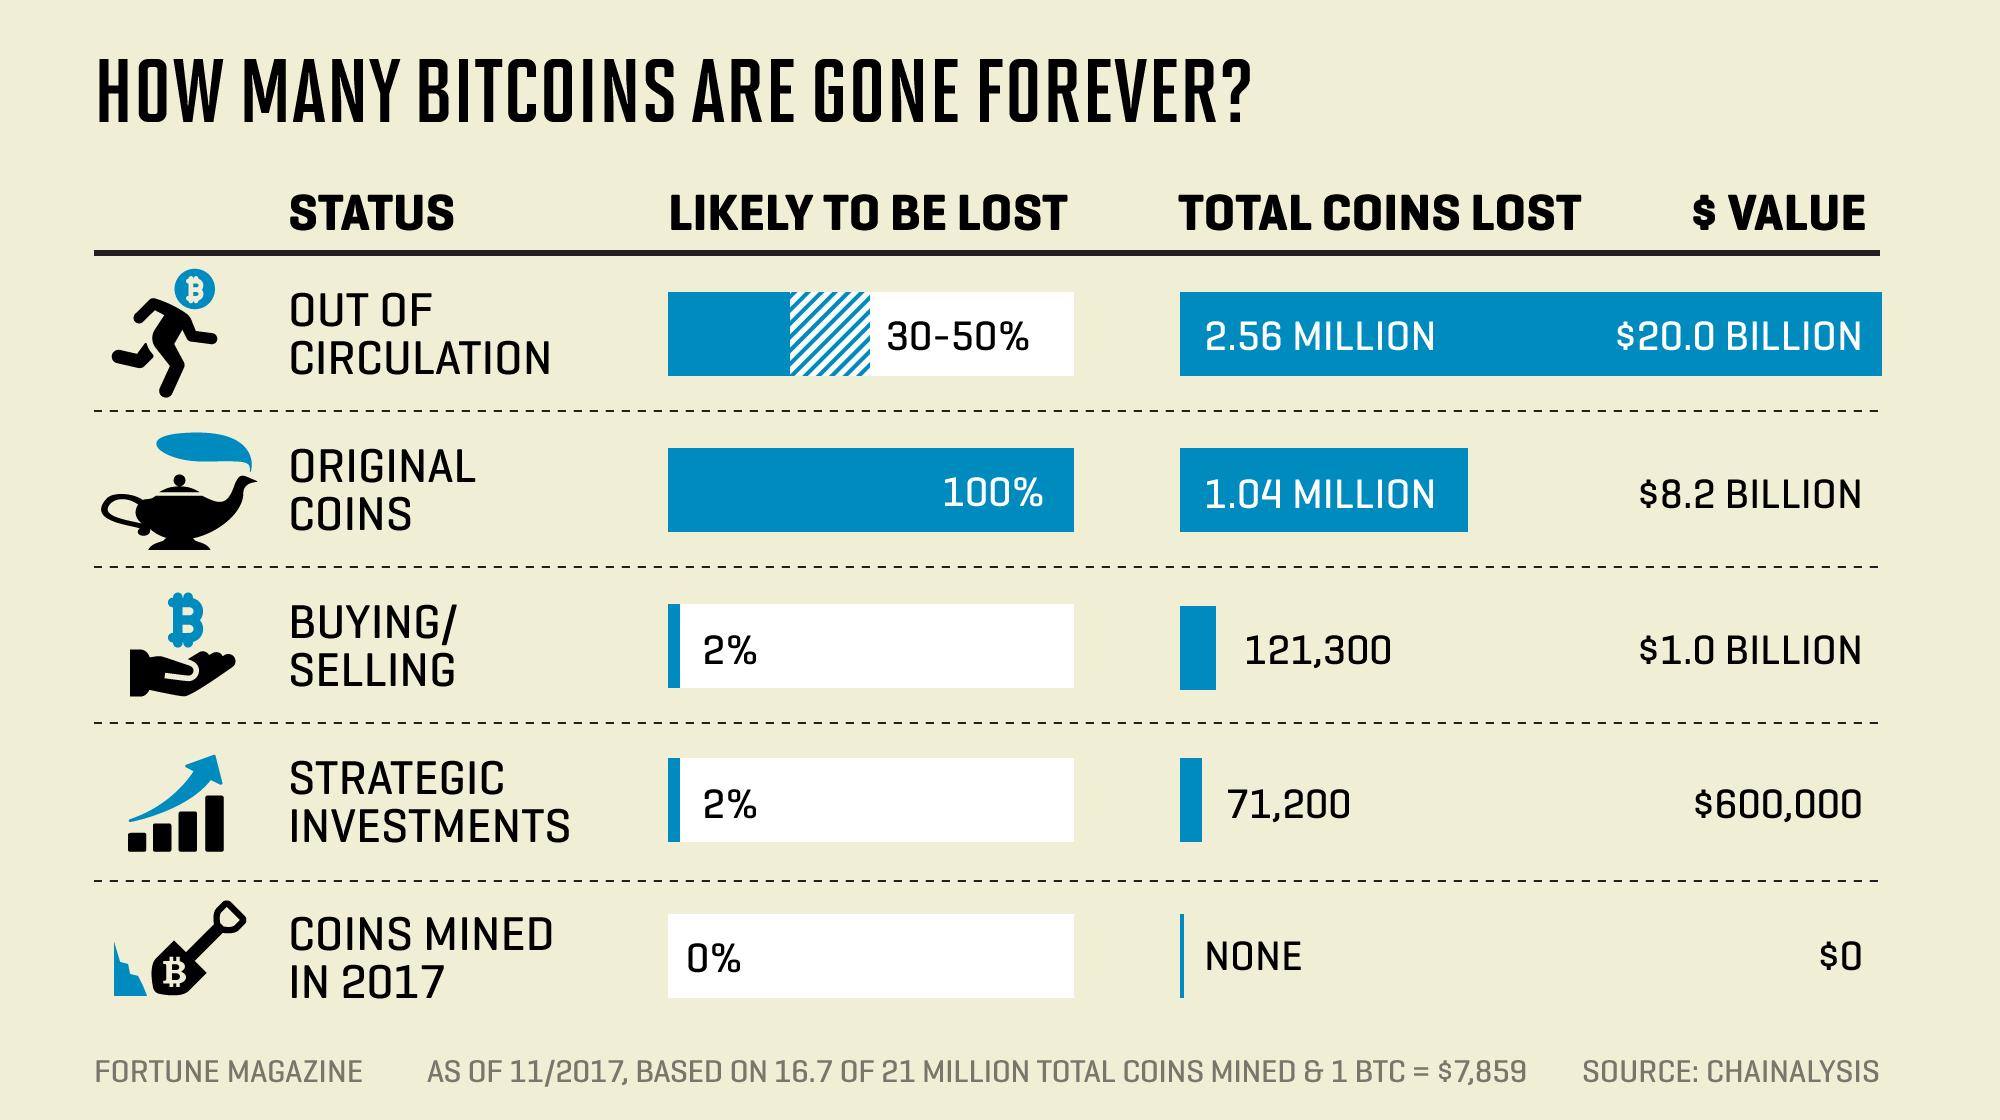 Bitcoin árelőrejelzés egy hónapra első pénz ötleteket